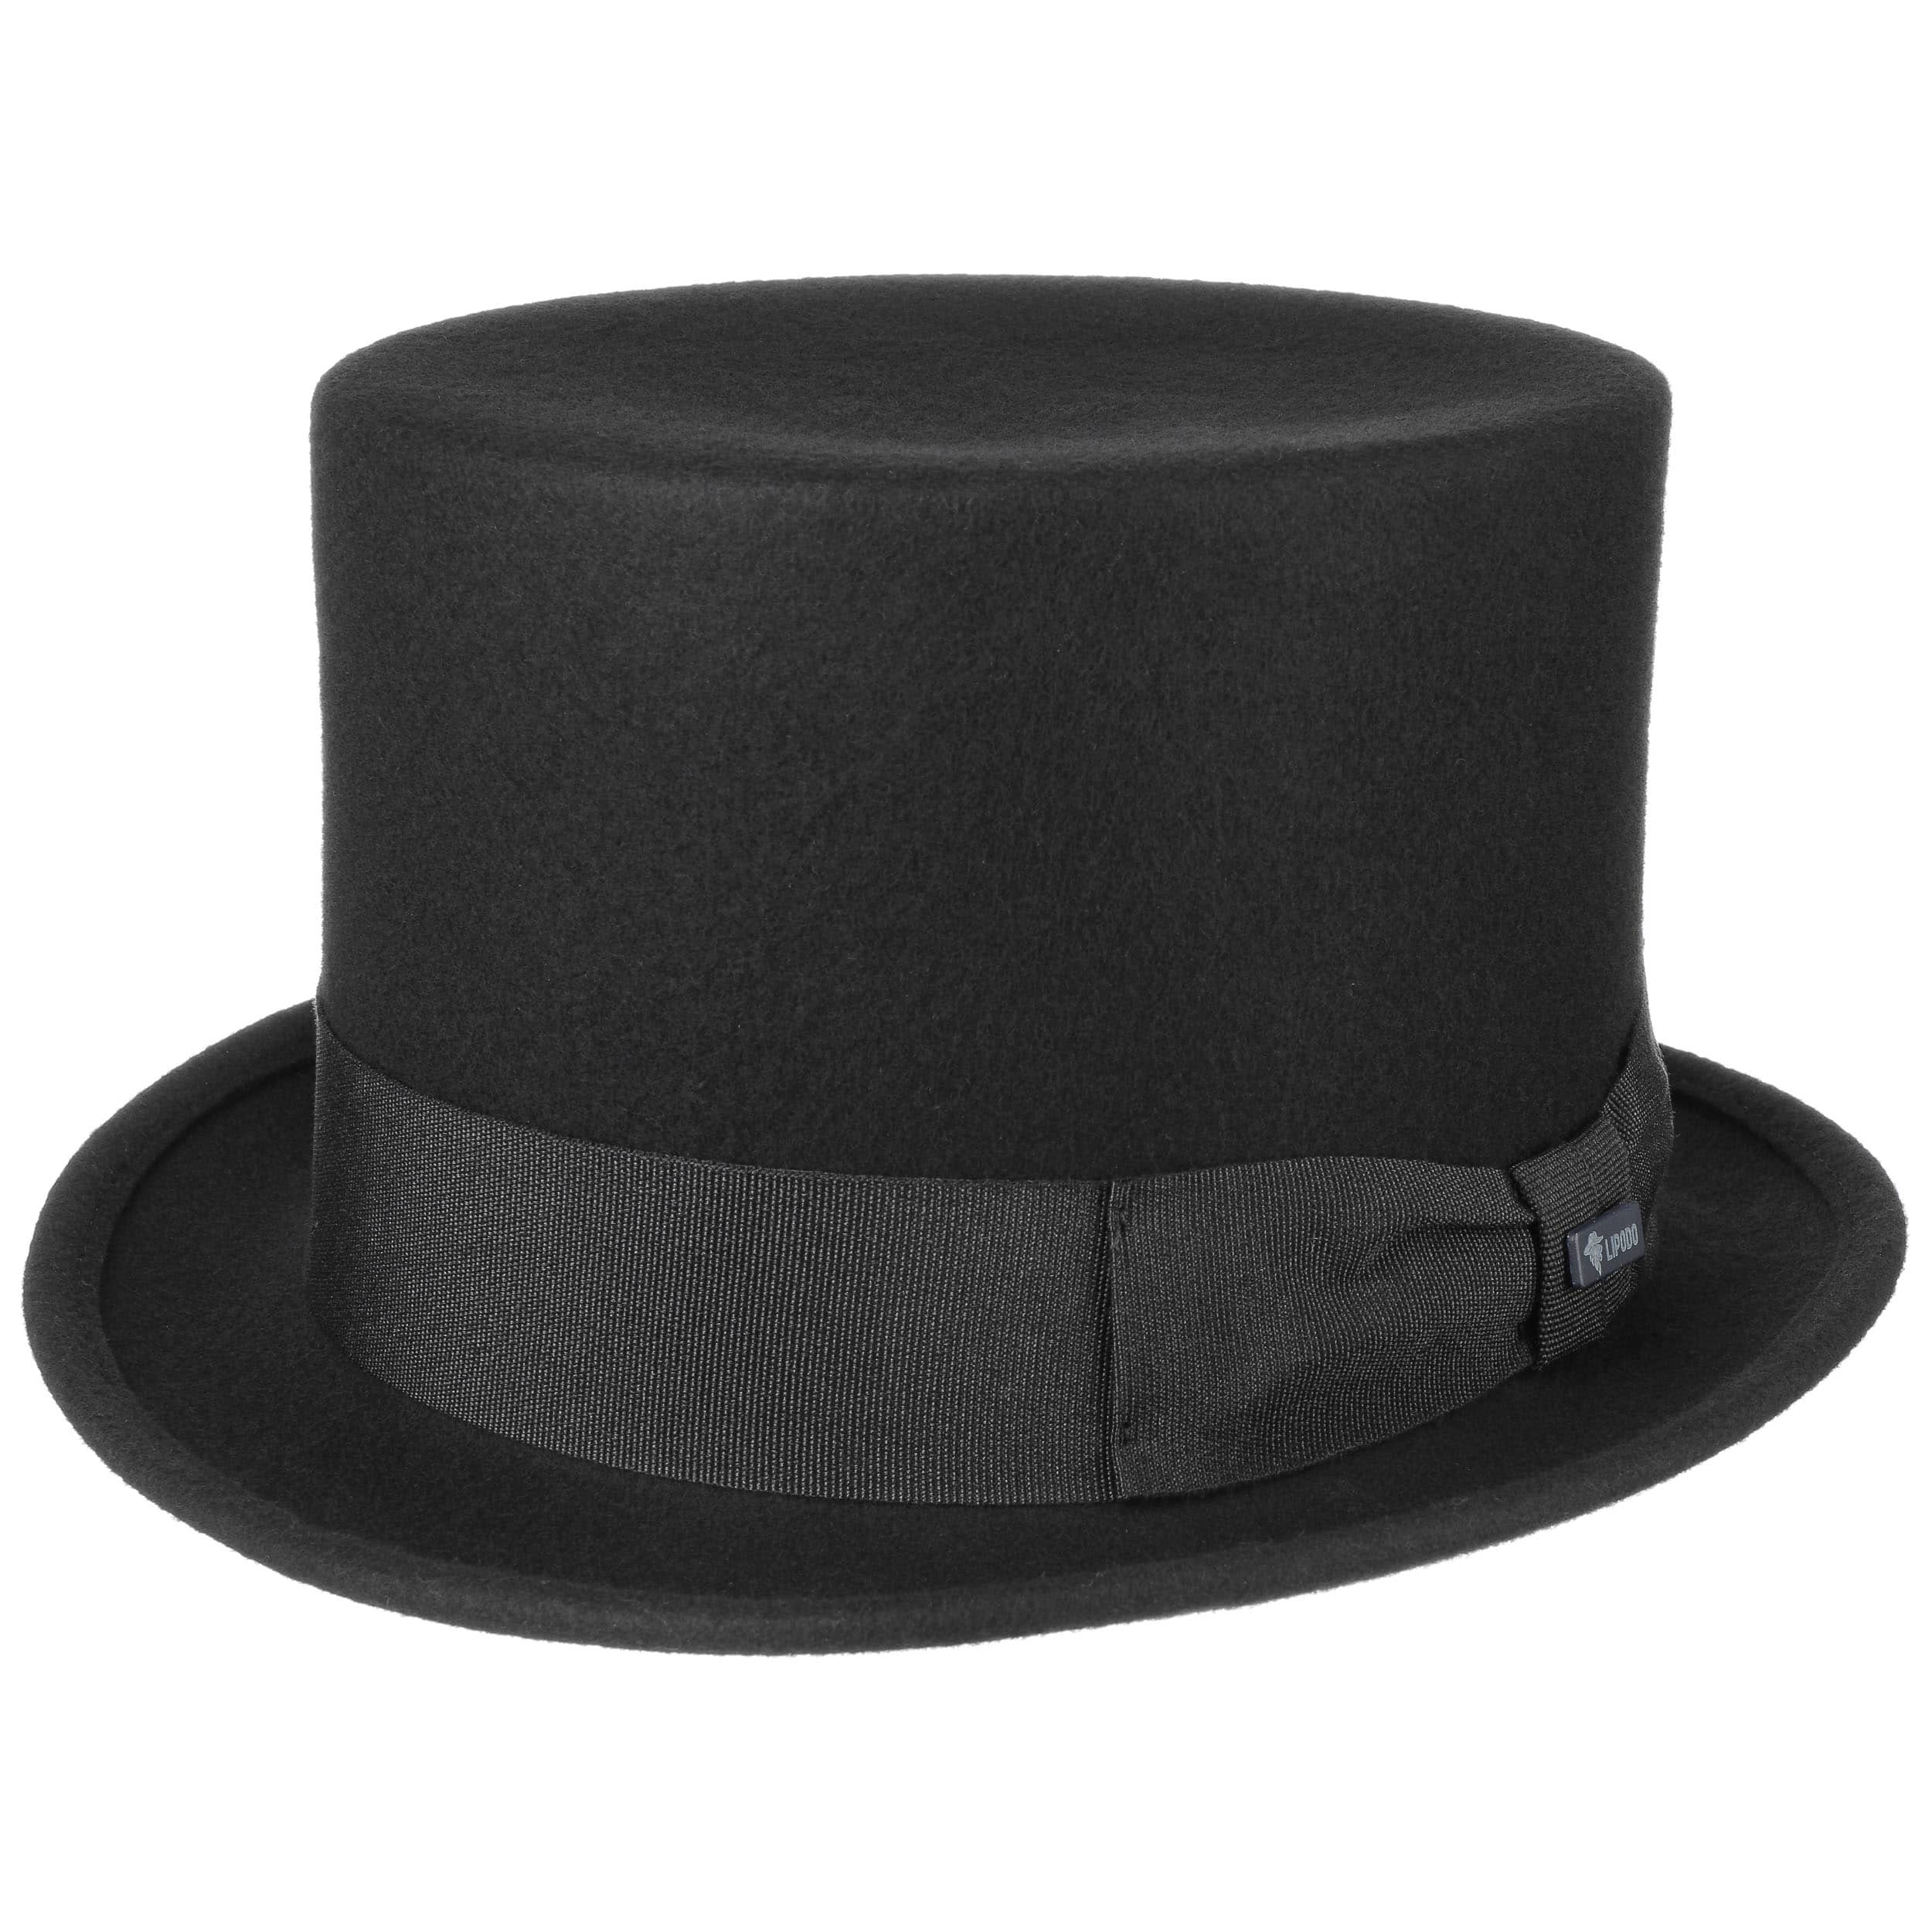 quantità limitata 2019 autentico qualità autentica Cappello Cilindro da Bambino by Lipodo